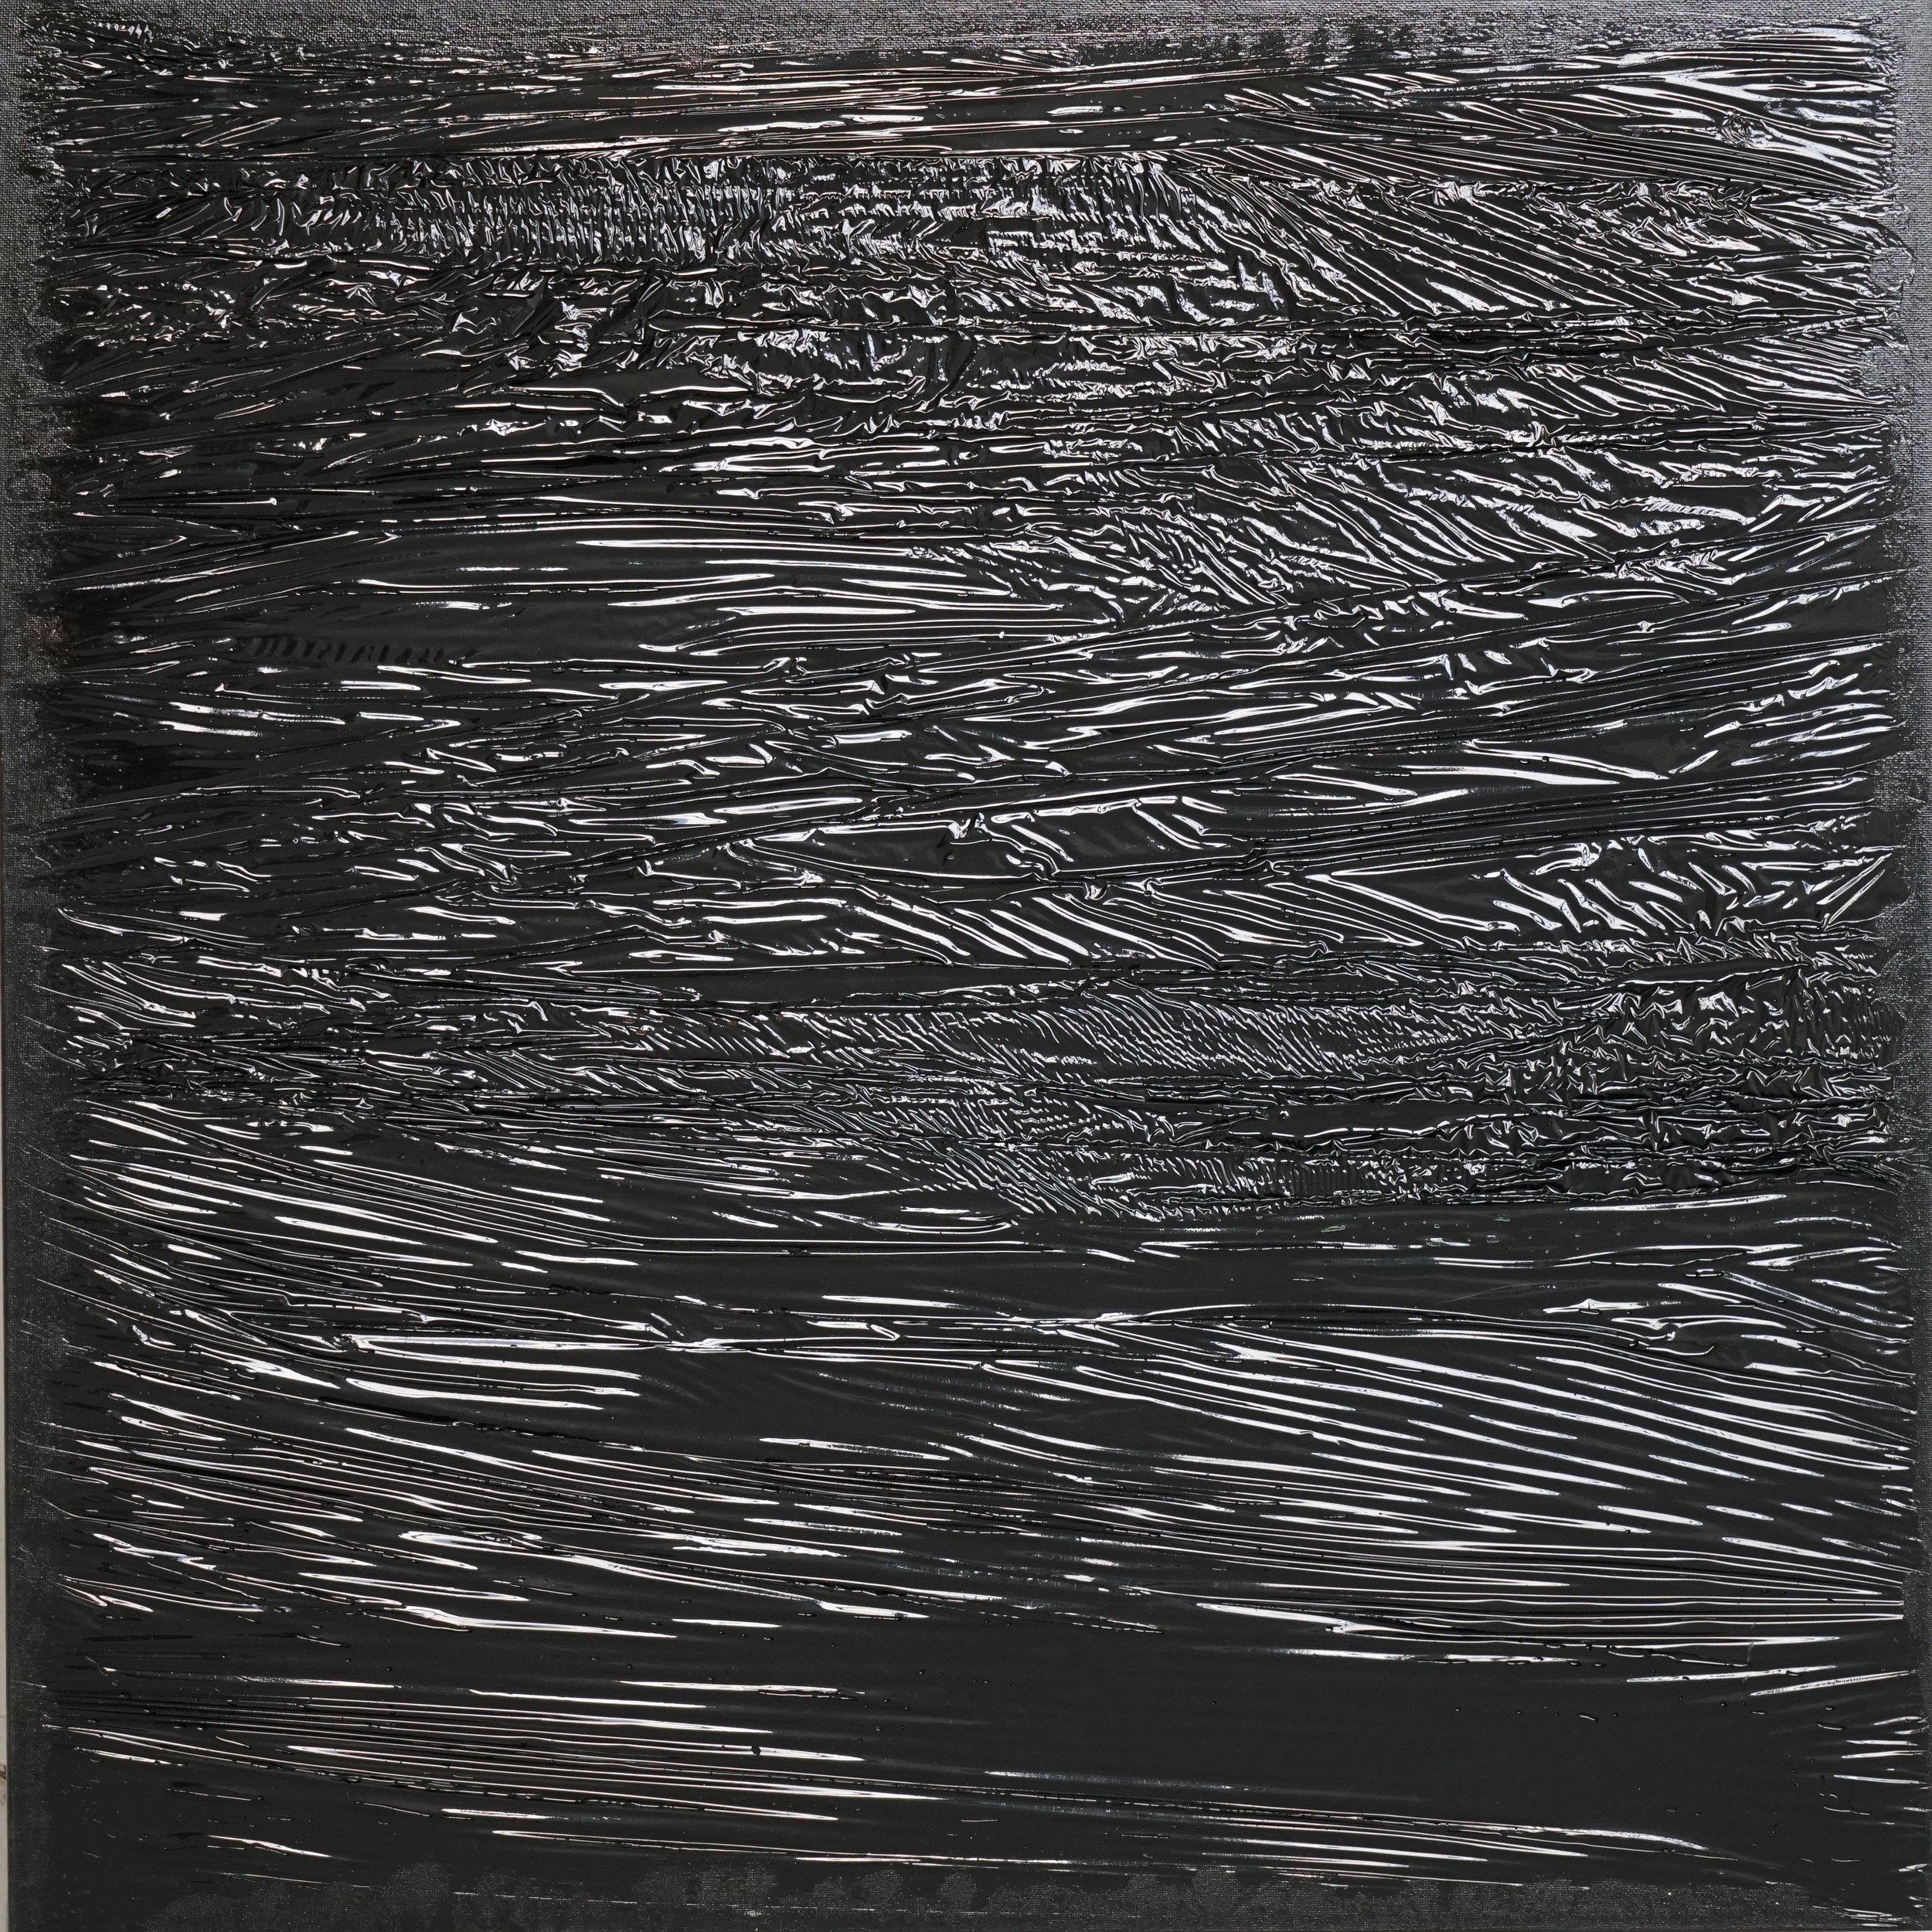 FREYDENBERG.V Синтетический пейзаж №14. 2017. Xолст, полимерная смола. 70х70см